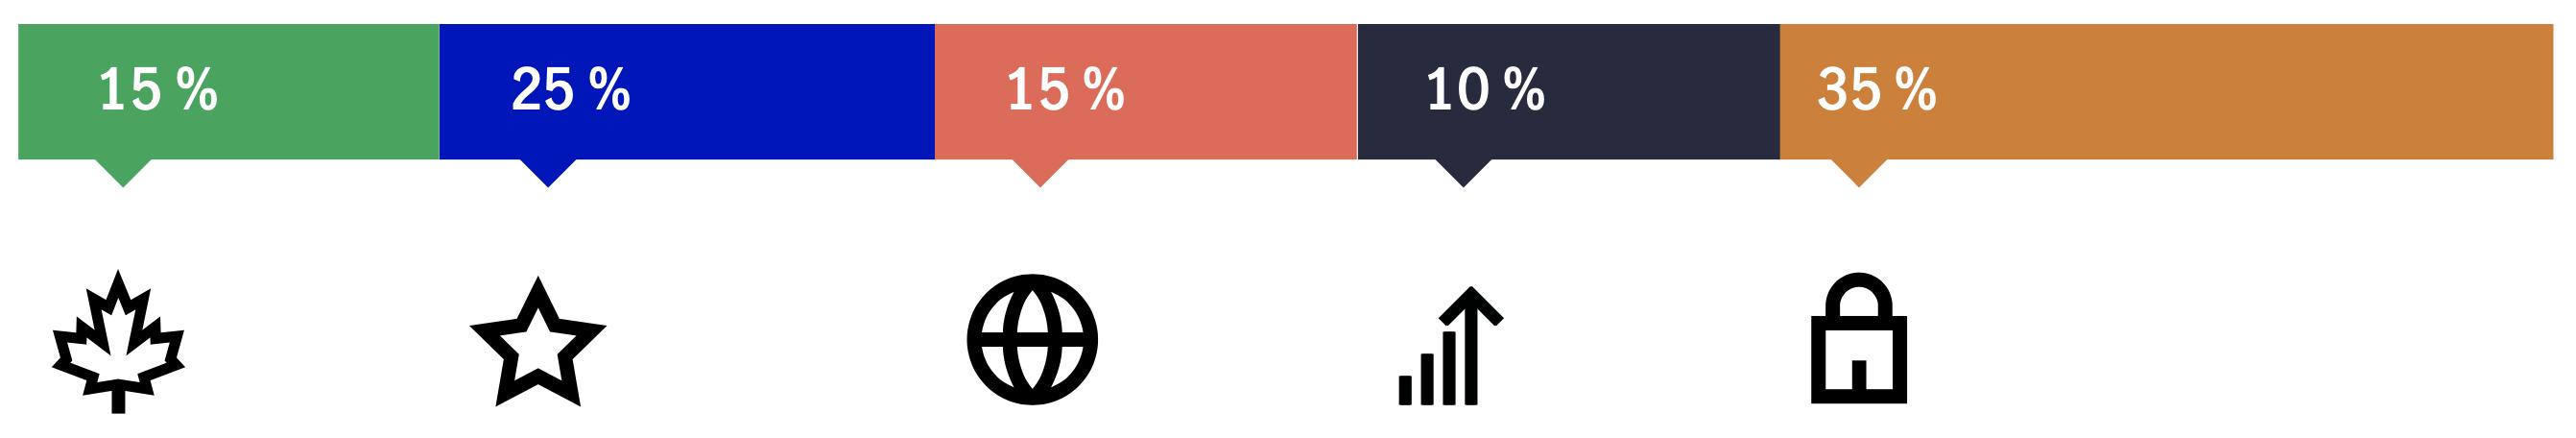 Ce diagramme à barres proportionnelles montre une ventilation approximative, en pourcentage, d'un échantillon de portefeuille d'actions et de titres à revenu fixe canadiens, américains et internationaux, y compris une brève analyse des perspectives pour chaque catégorie d'actifs.